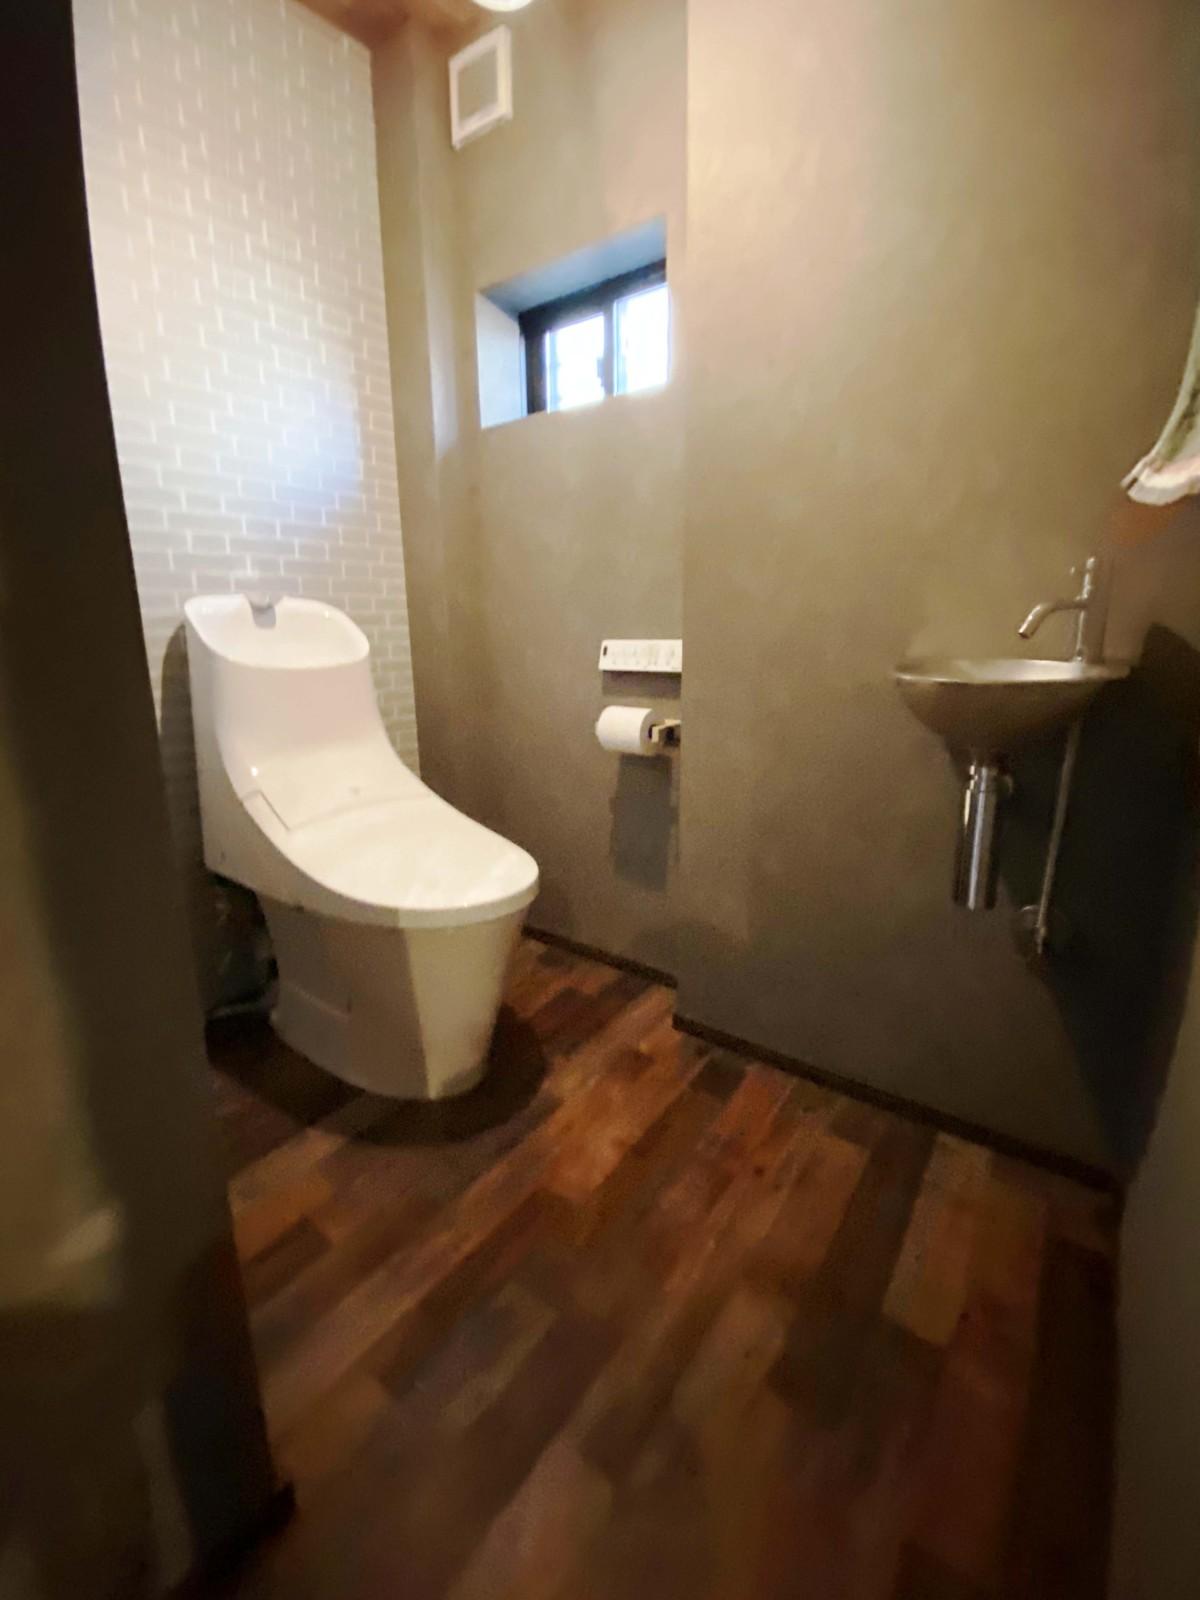 単独で手洗い器を設置。3階建てだからこそ、各階に手を洗える場所があると、ふとした時に便利。